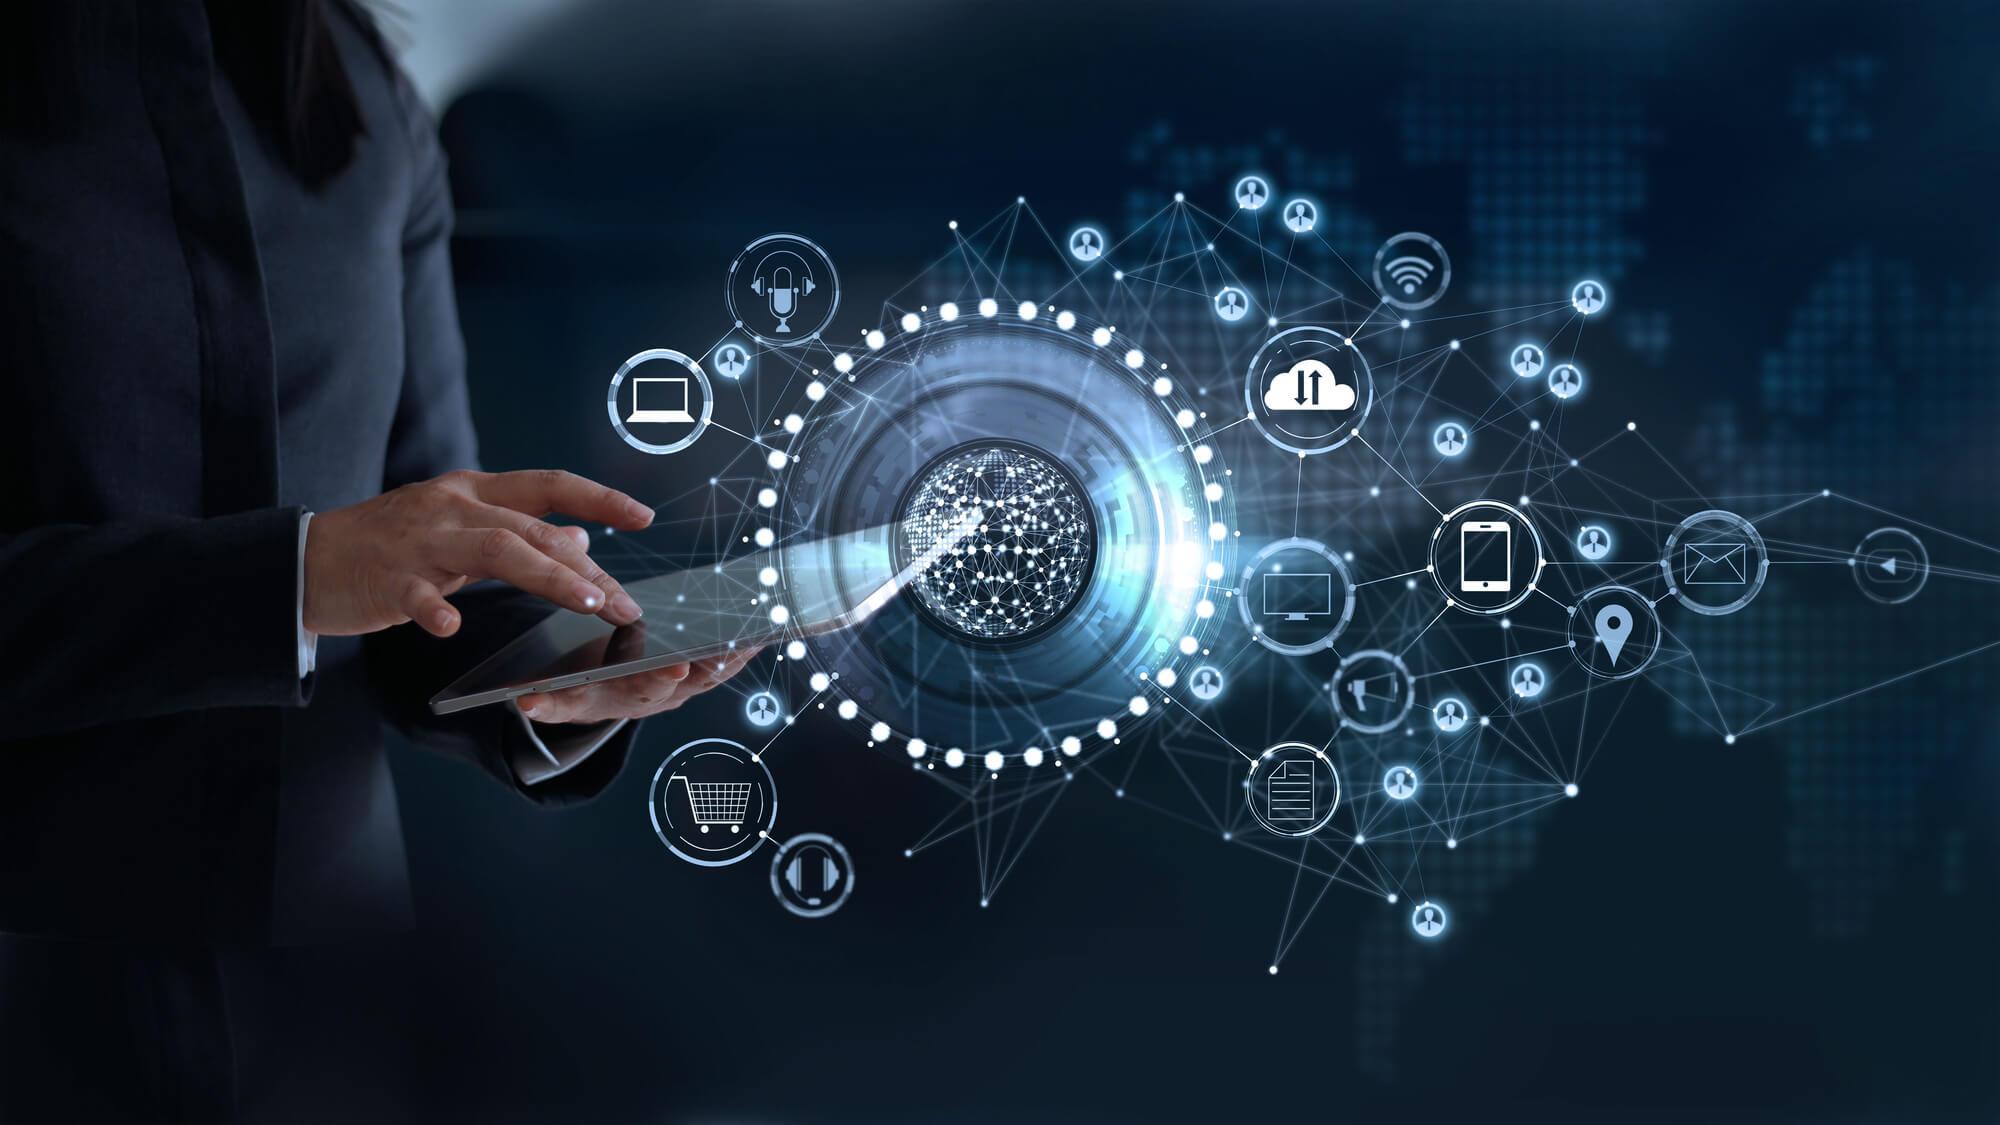 162811-entenda-a-importancia-das-solucoes-de-alta-tecnologia-para-empresas-de-telecom.jpg